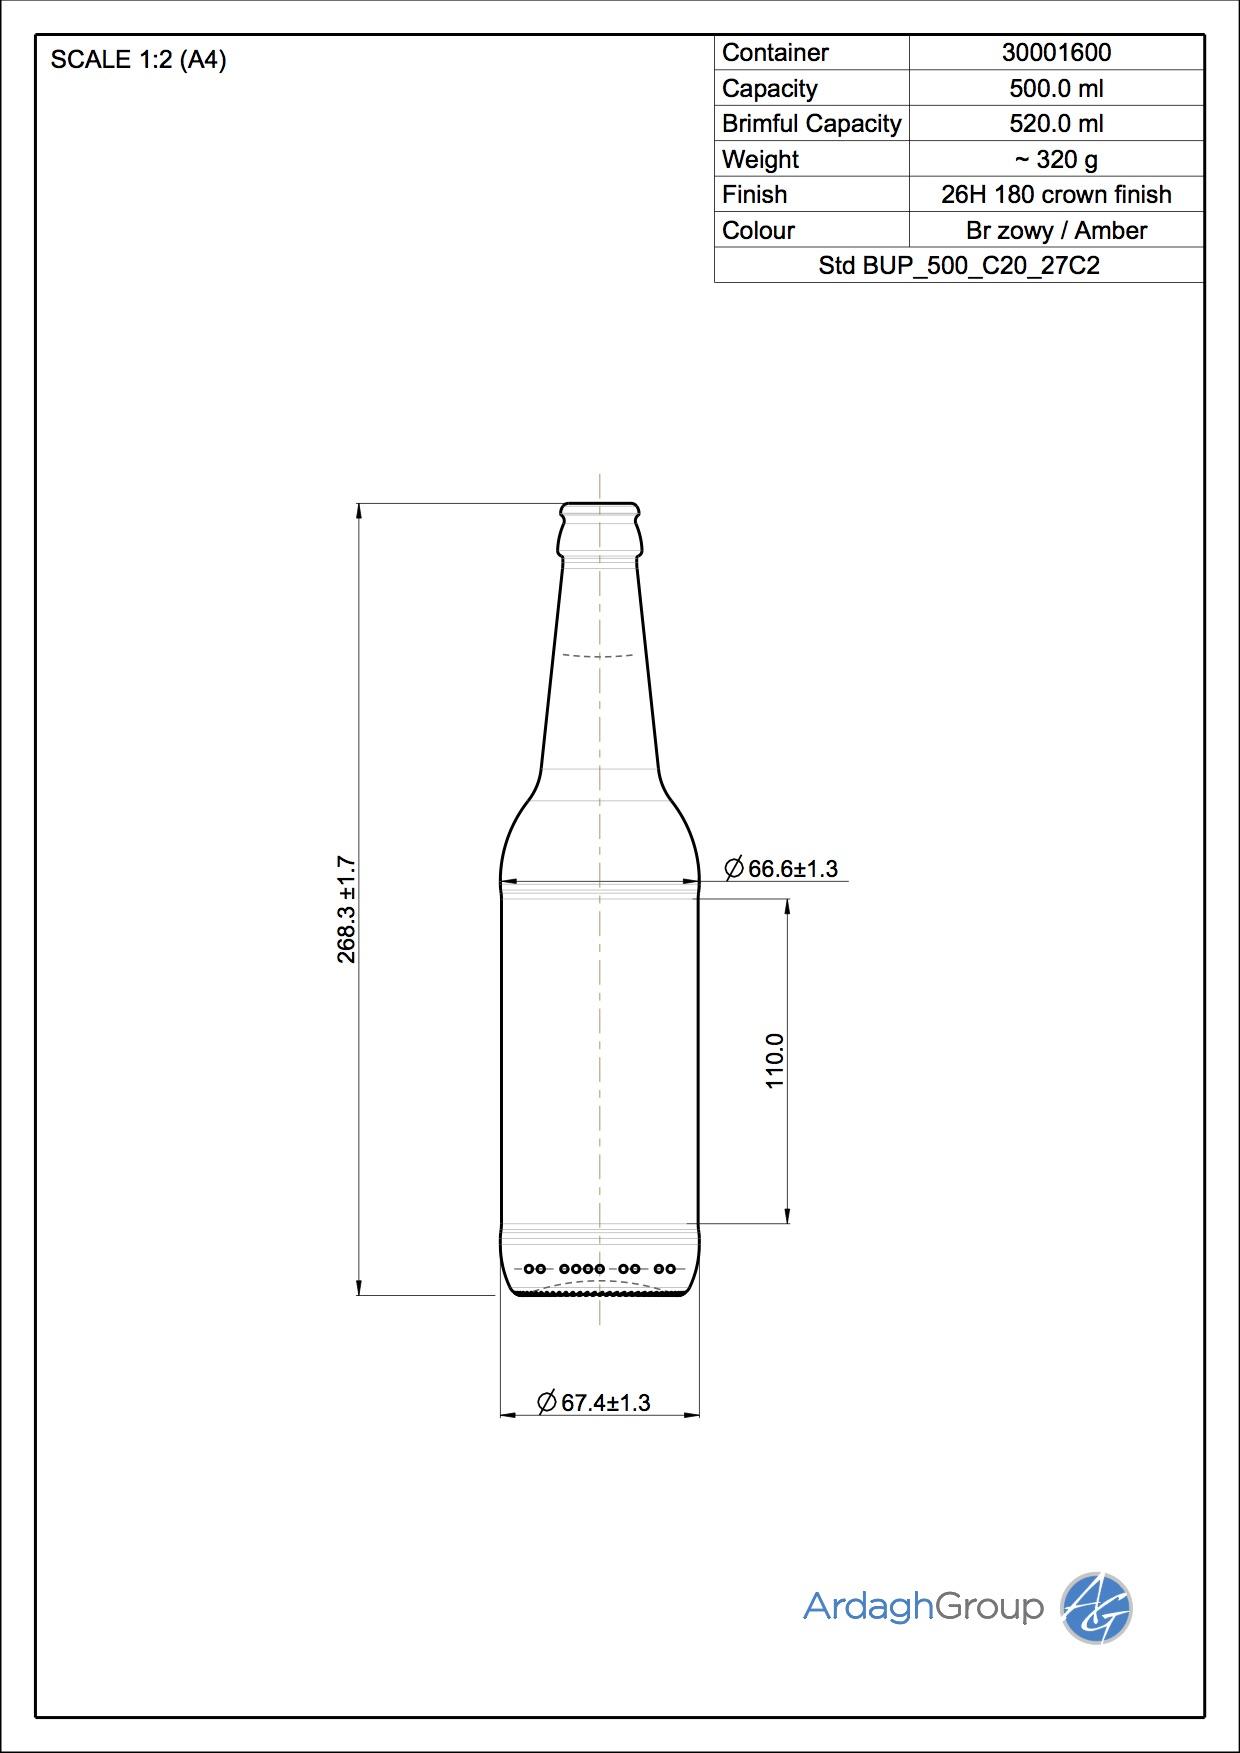 BUP 500 C20 27C2